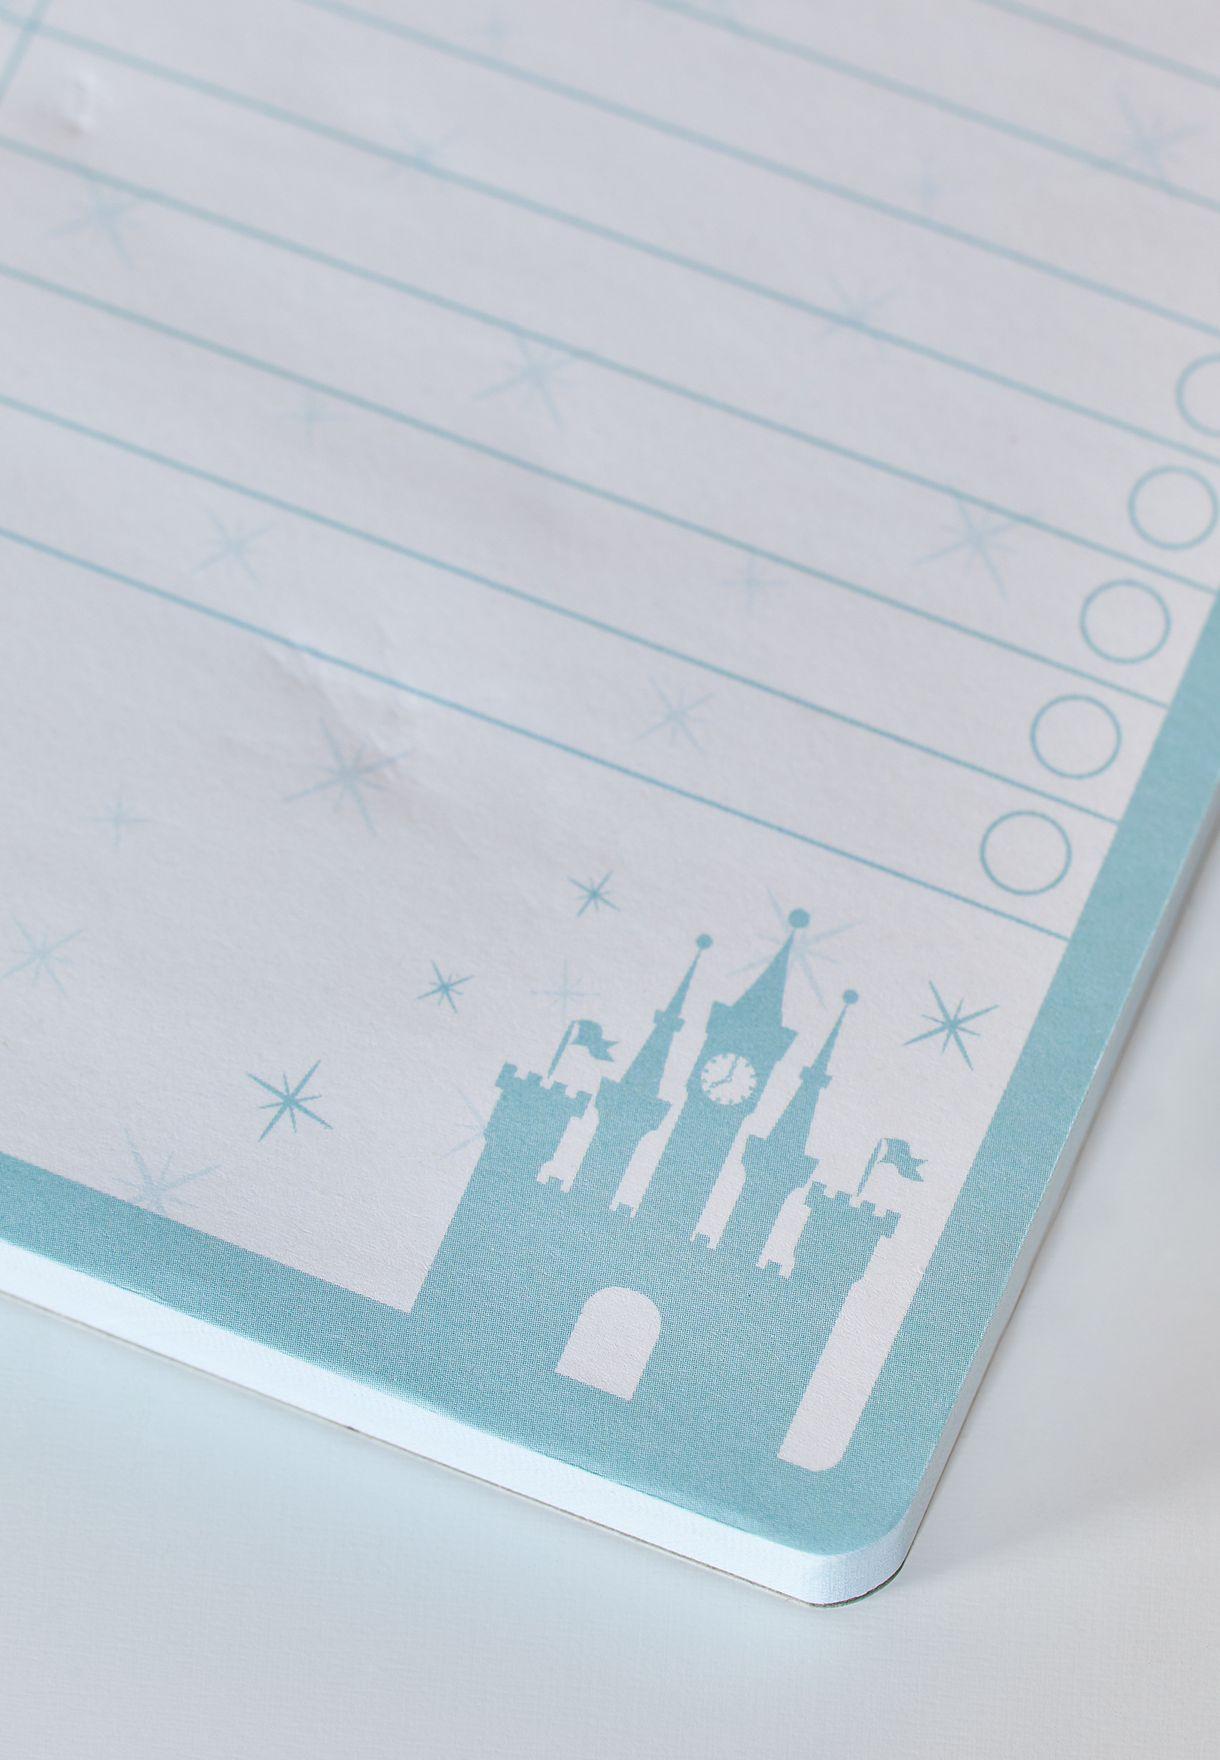 Disney Princess Weekly Planner